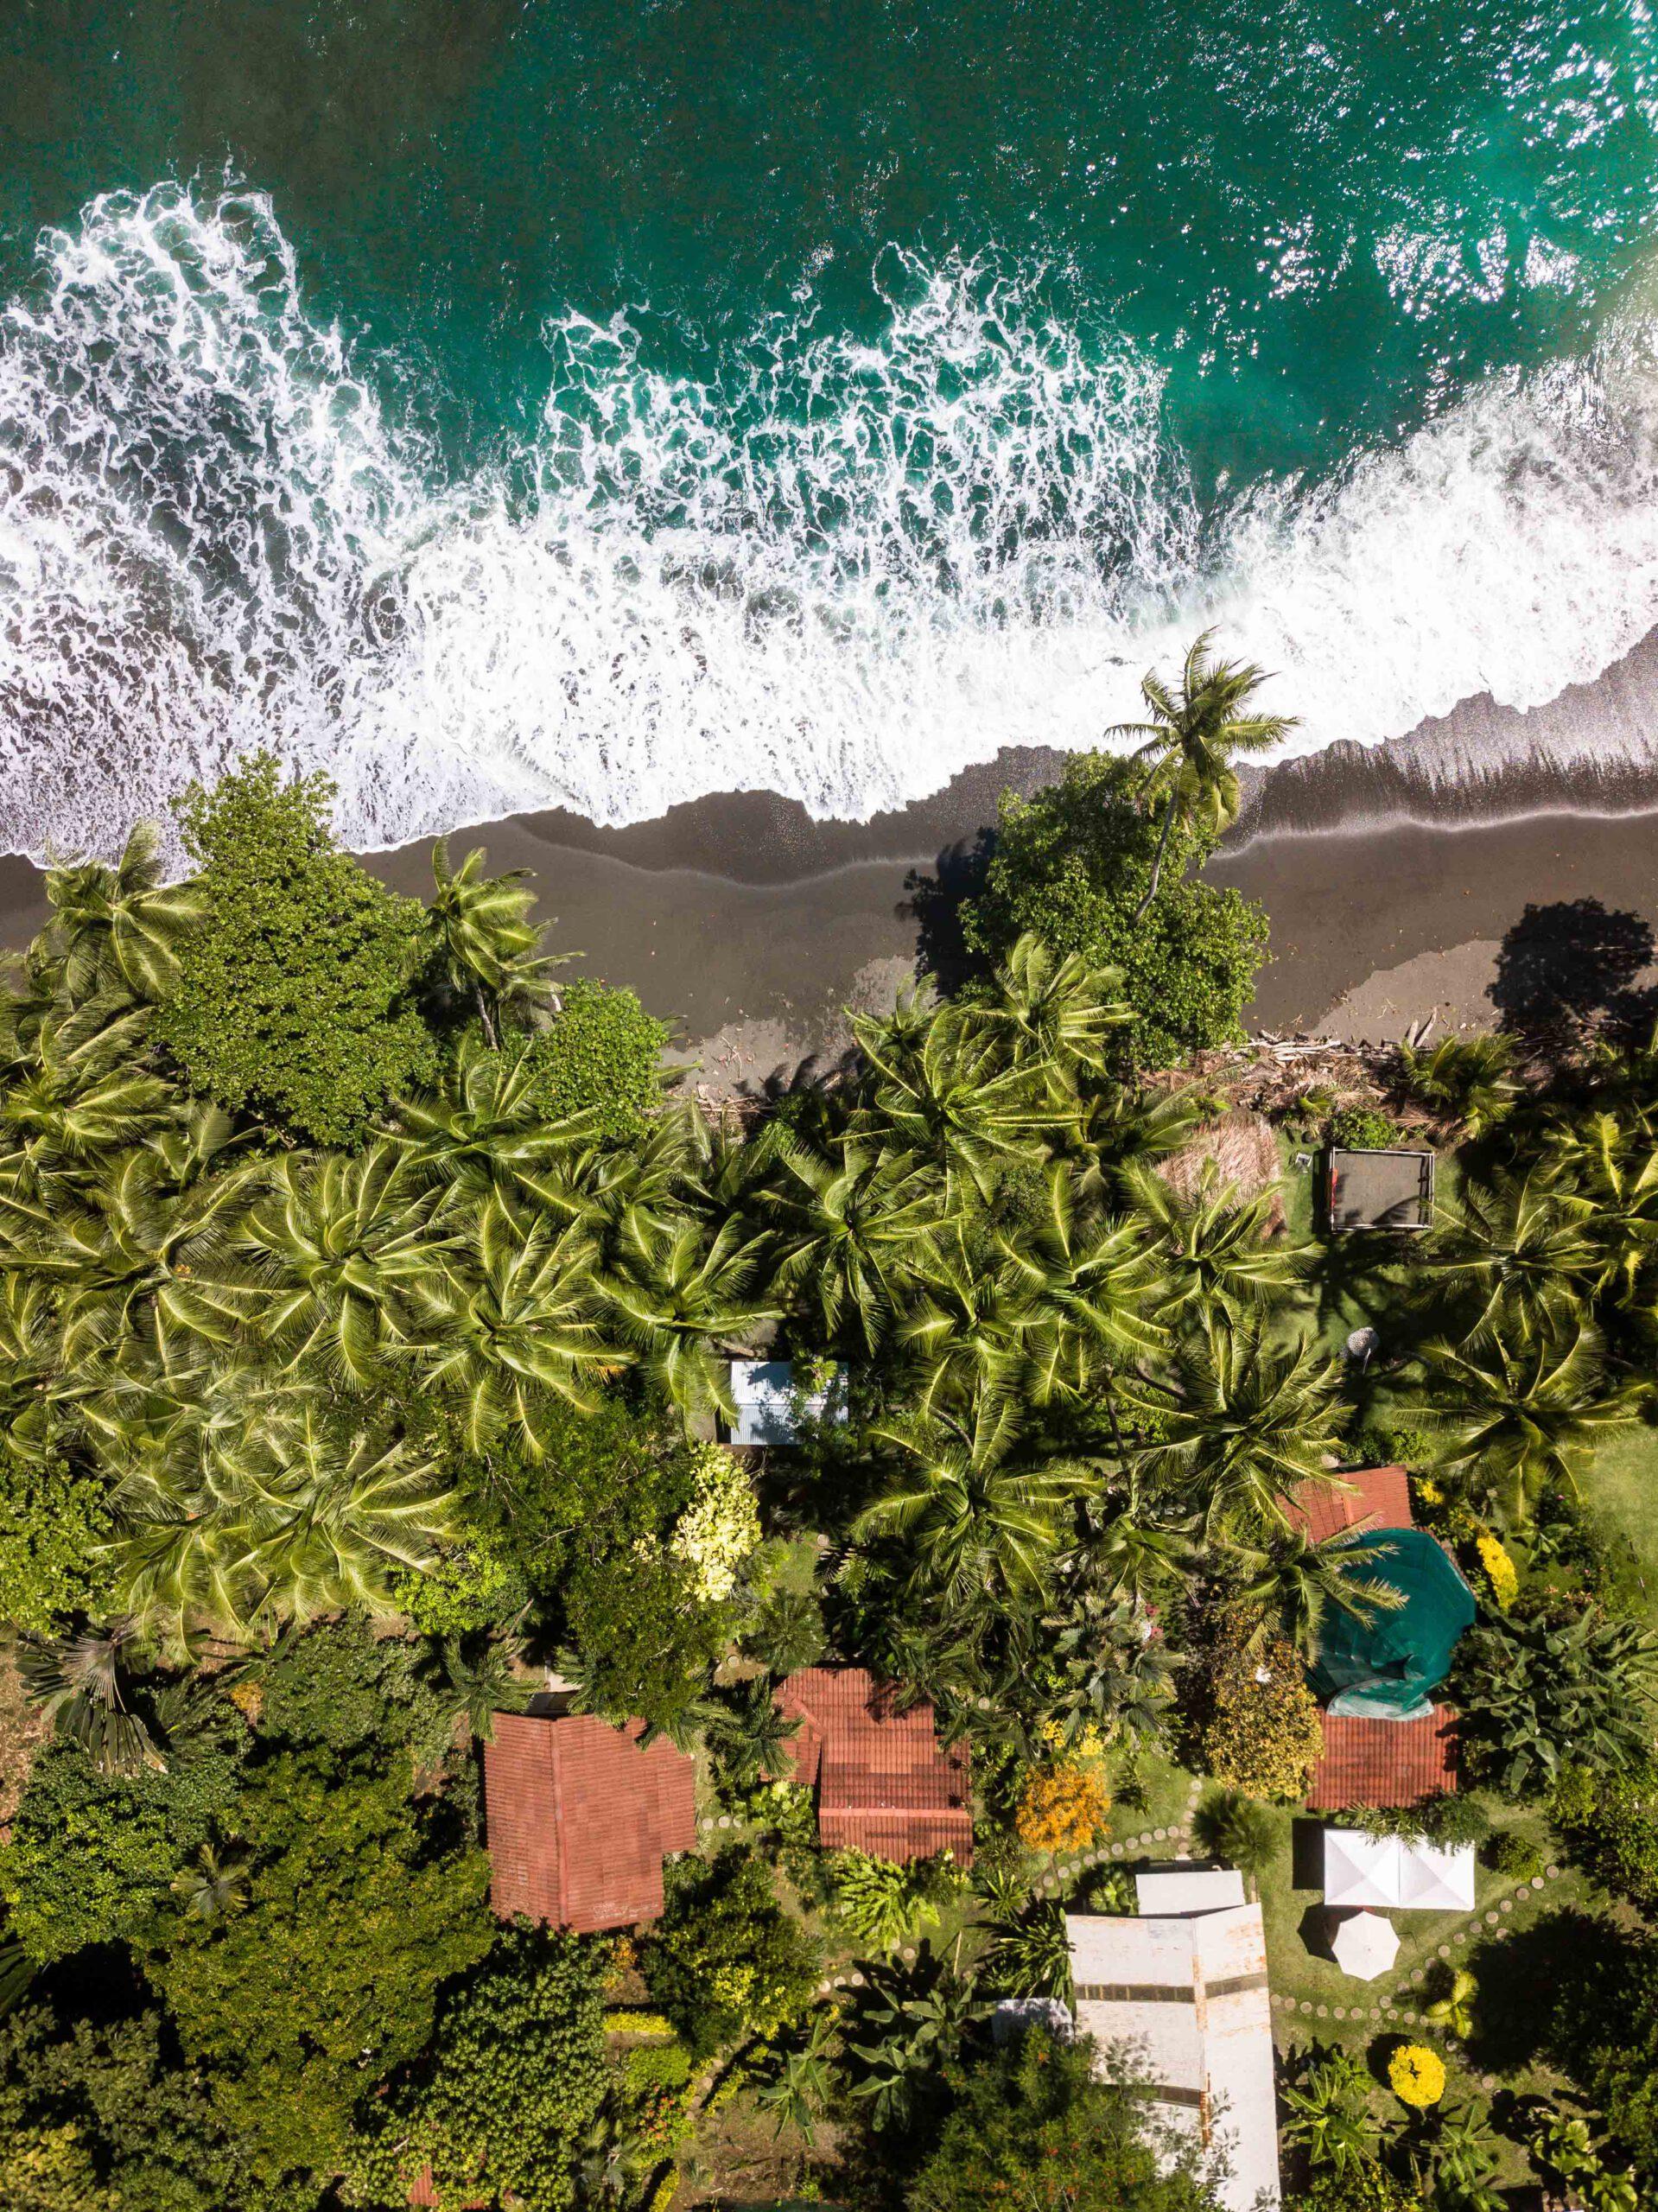 Drone photo of Rancho Burica Costa Rica